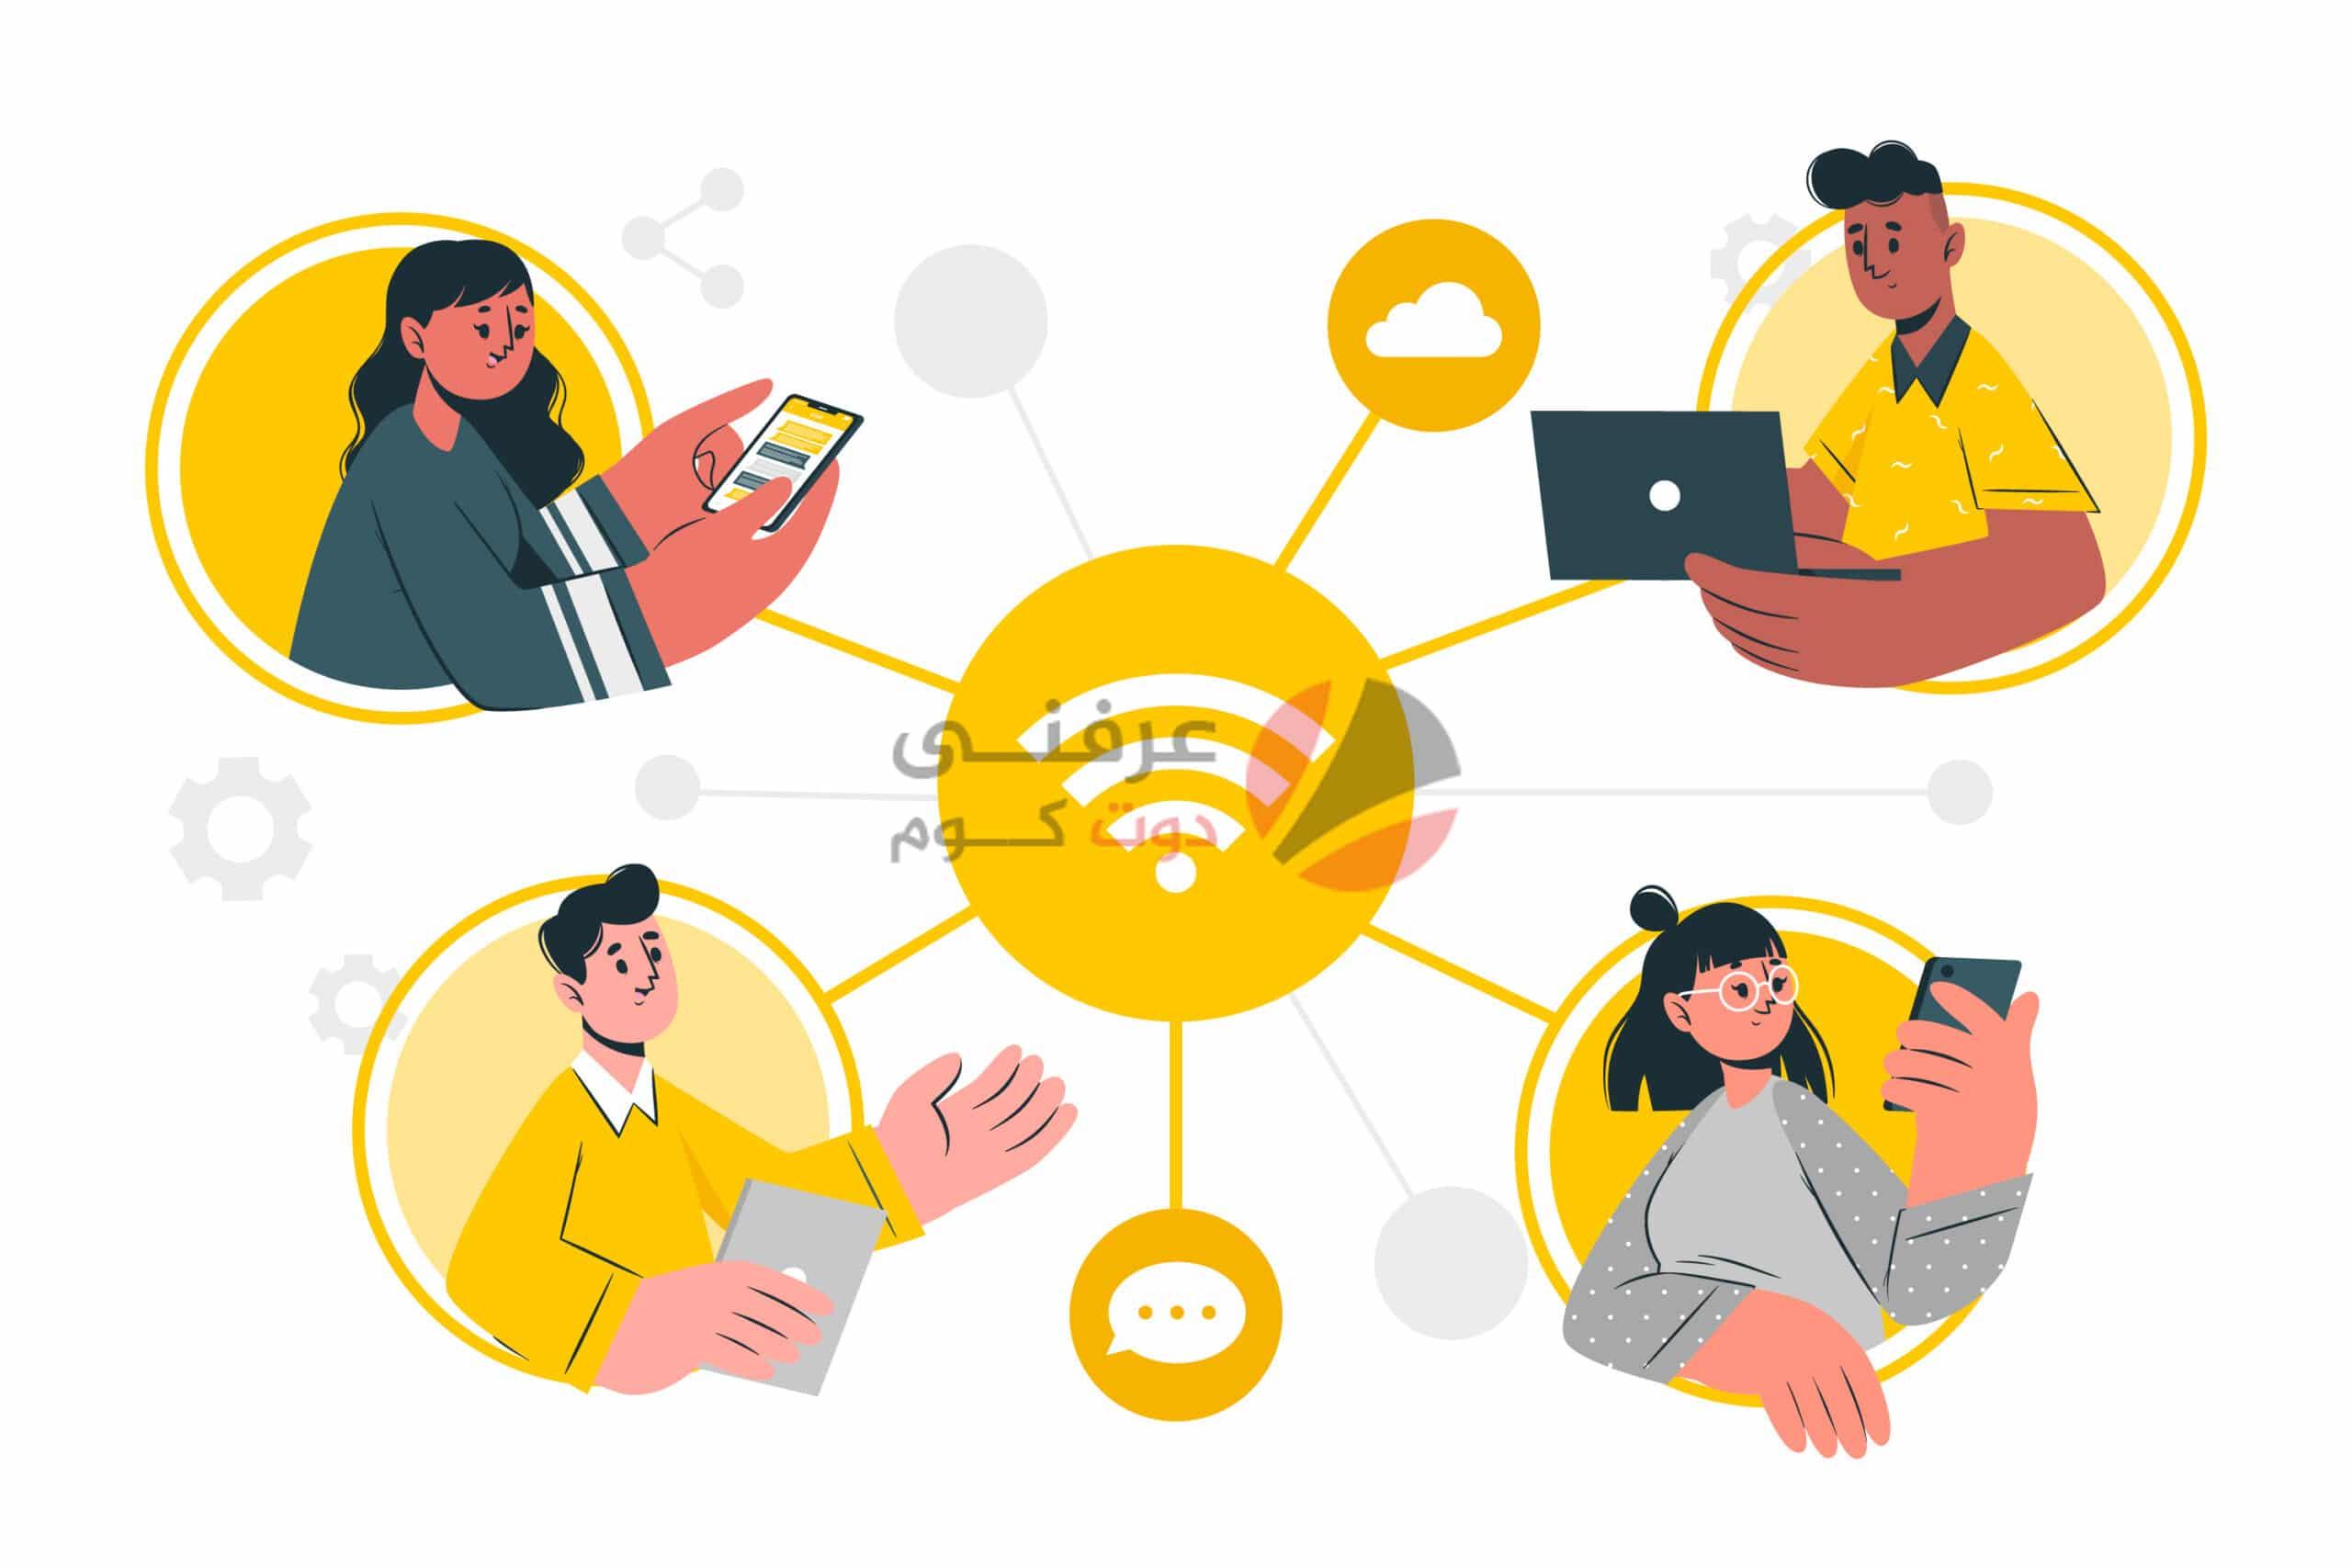 أفضل 7 برامج تتيح معرفة عدد المتصلين بالراوتر ونوع الأجهزة التي يستخدموها 1